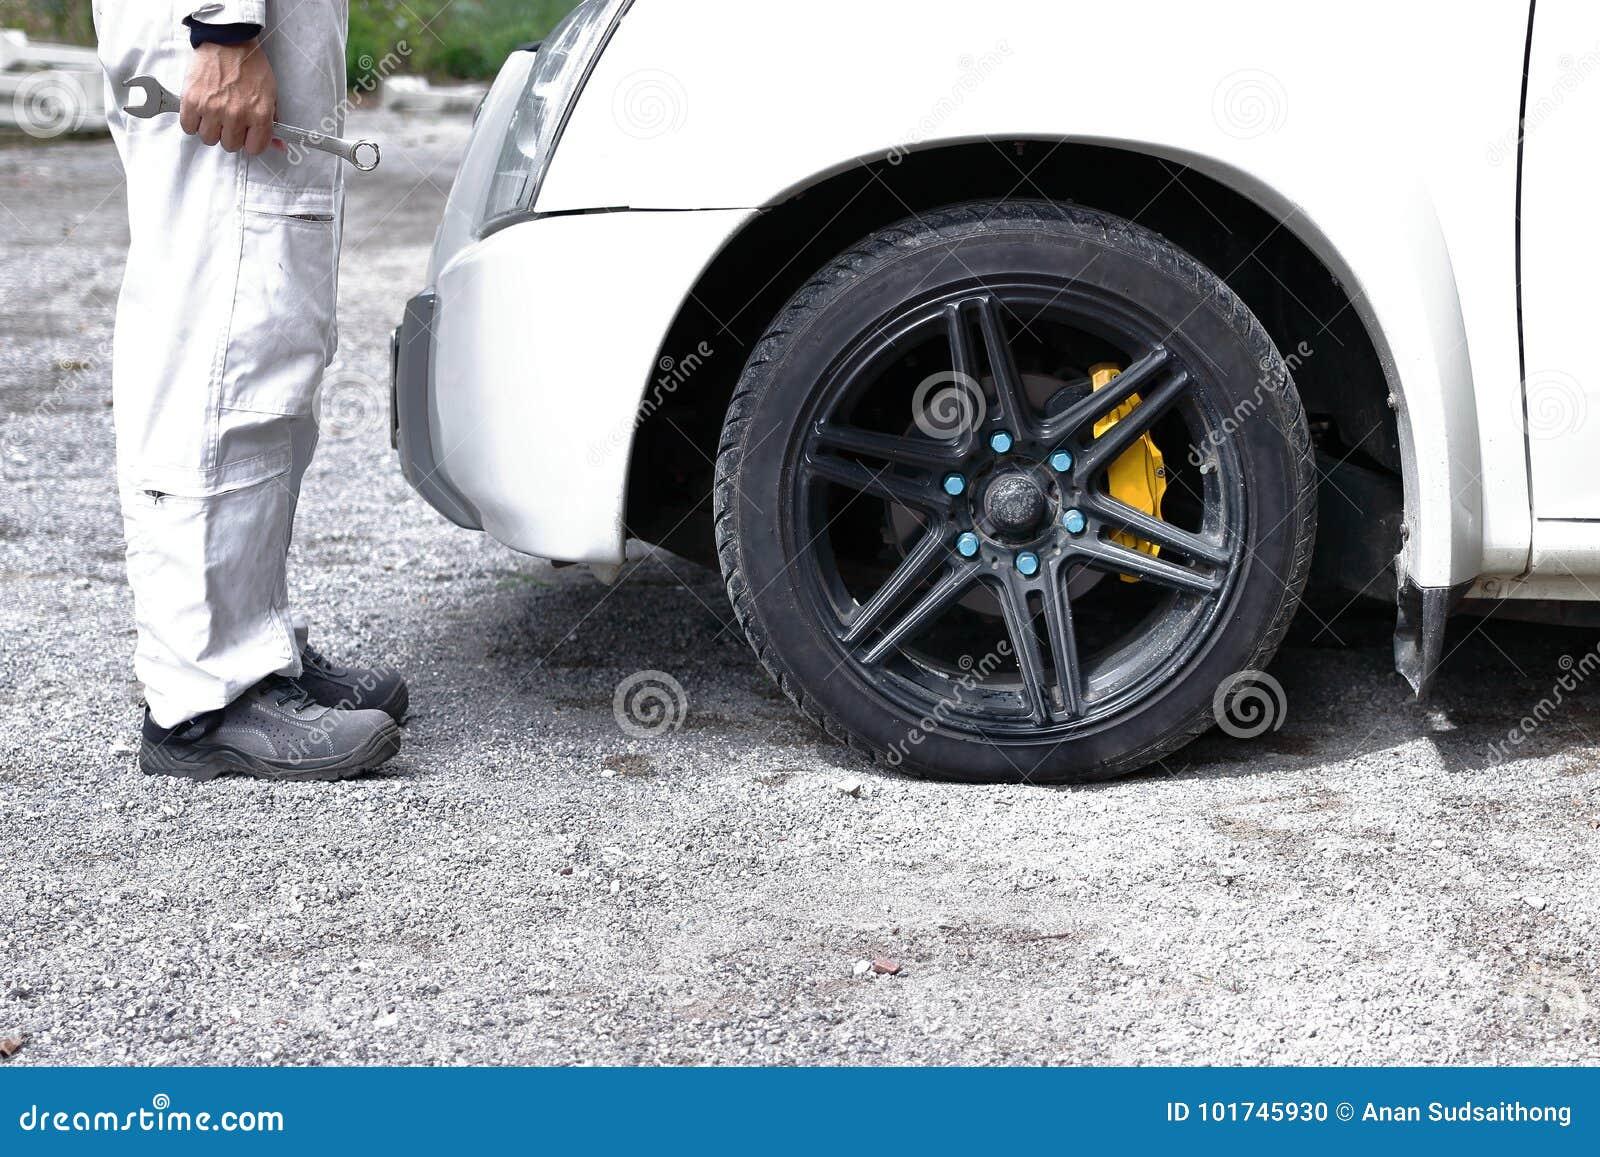 Πλάγια όψη του αυτοκίνητου μηχανικού ατόμου στο άσπρο ομοιόμορφο γαλλικό κλειδί εκμετάλλευσης στα χέρια του έτοιμα στην επισκευή